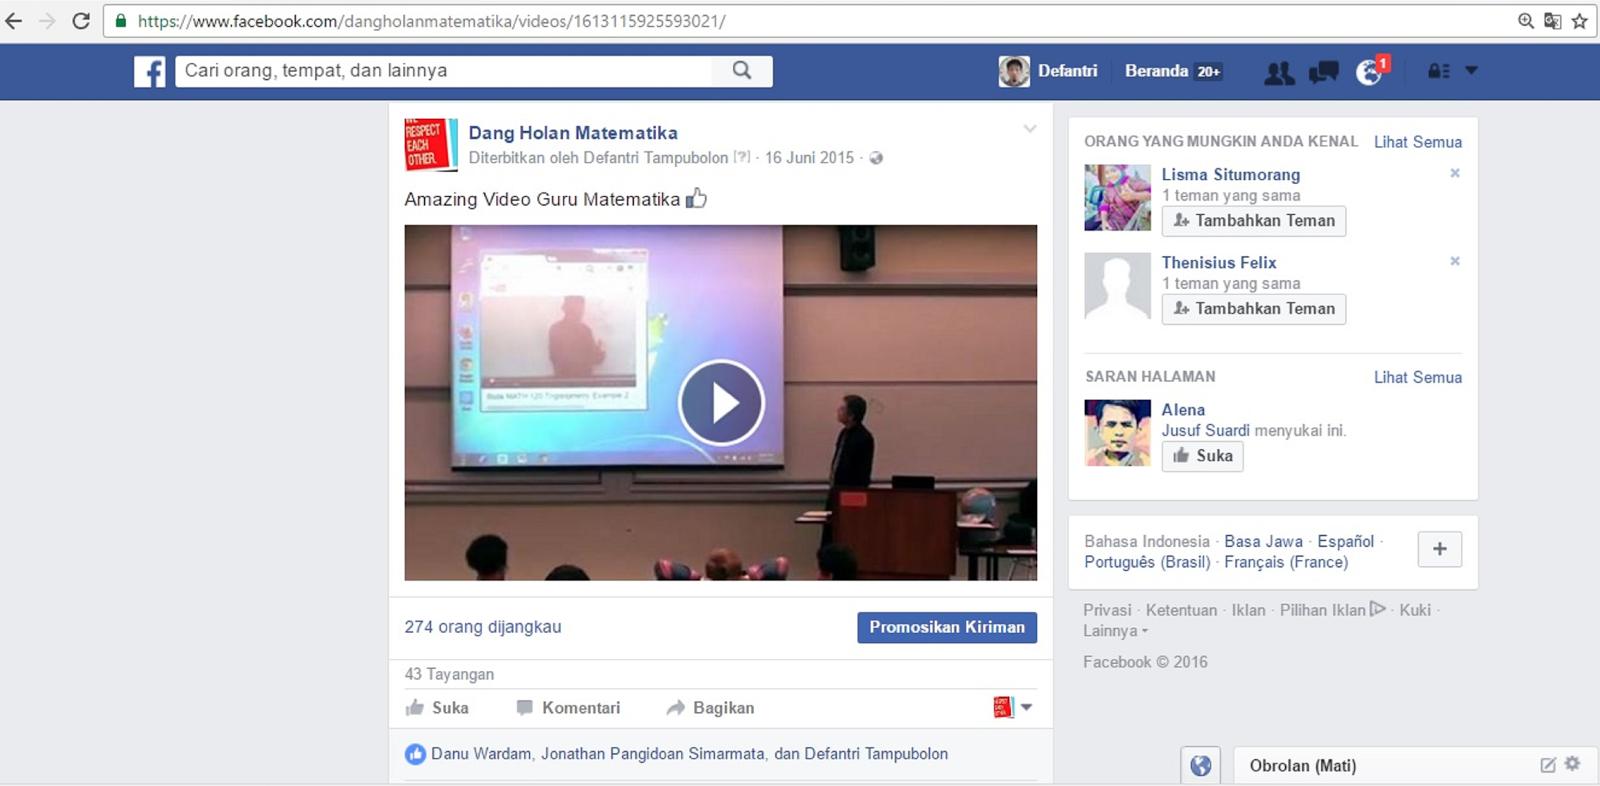 Cara Mudah Download Video Dari Facebook Tanpa Aplikasi Tambahan